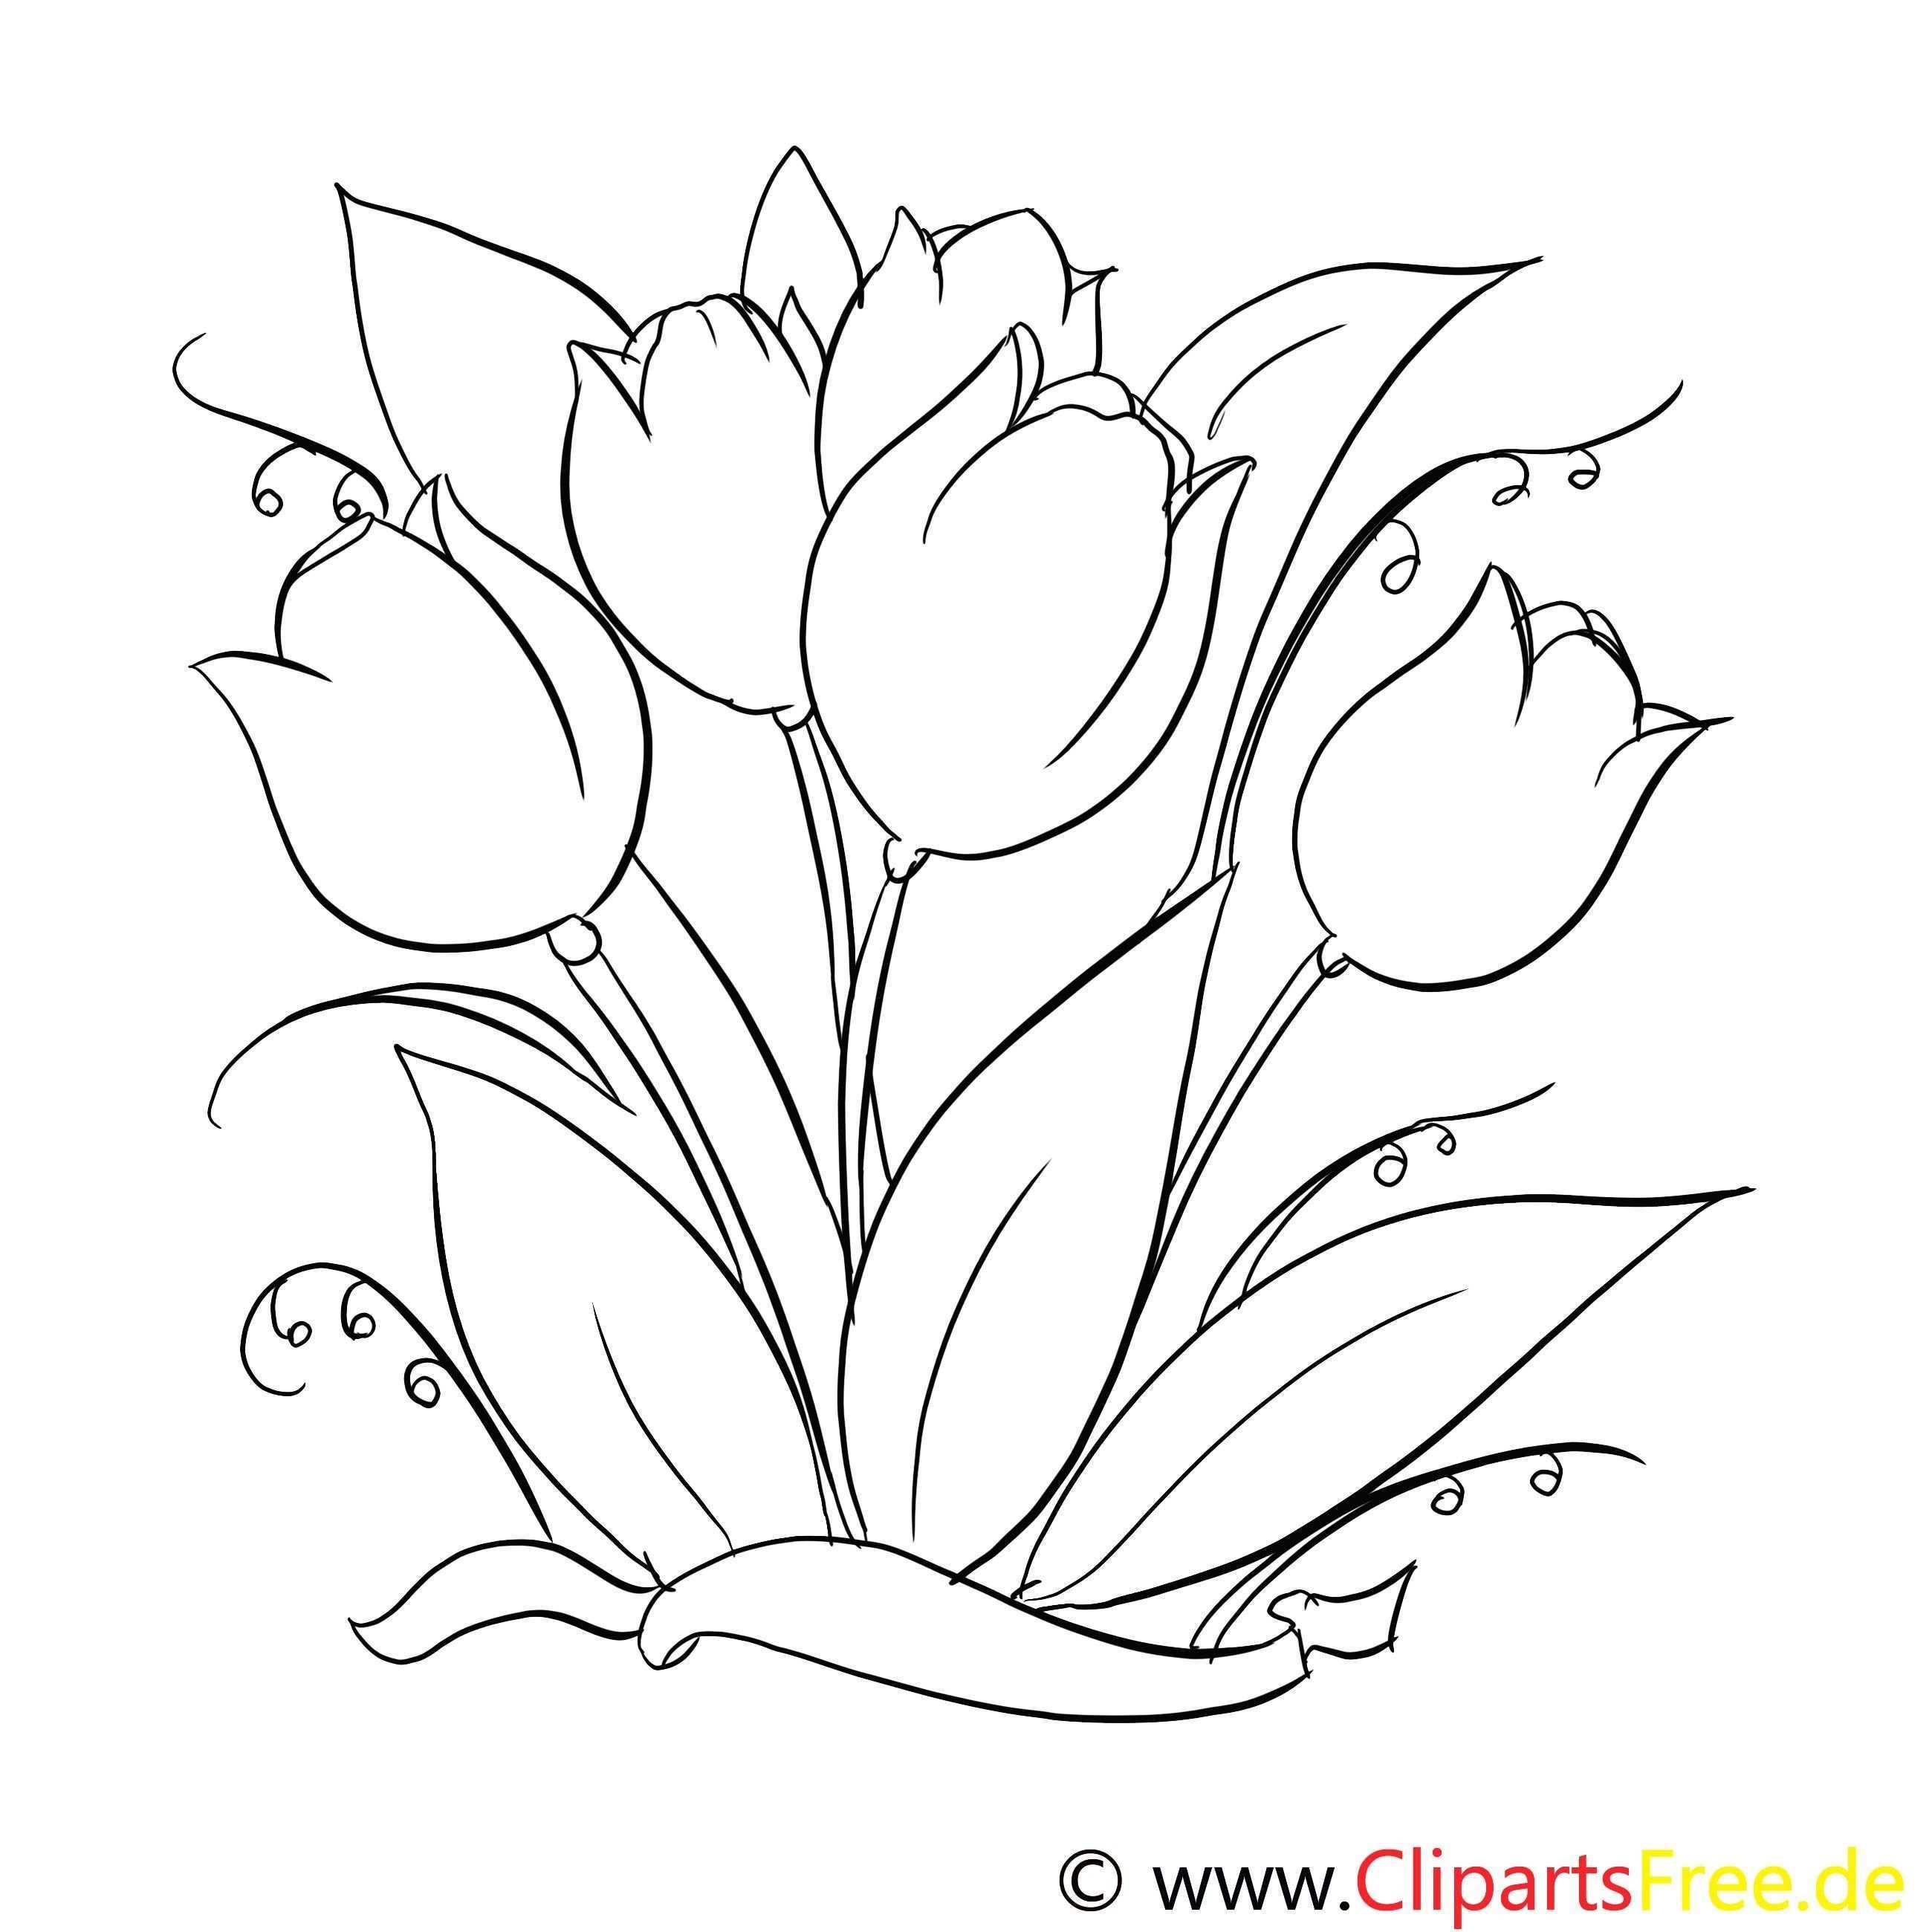 Neu Elfe Vorlage Malvorlagen Malvorlagenfurkinder Malvorlagenfurerwachsene In 2020 Flower Coloring Sheets Coloring Pages Flower Coloring Pages